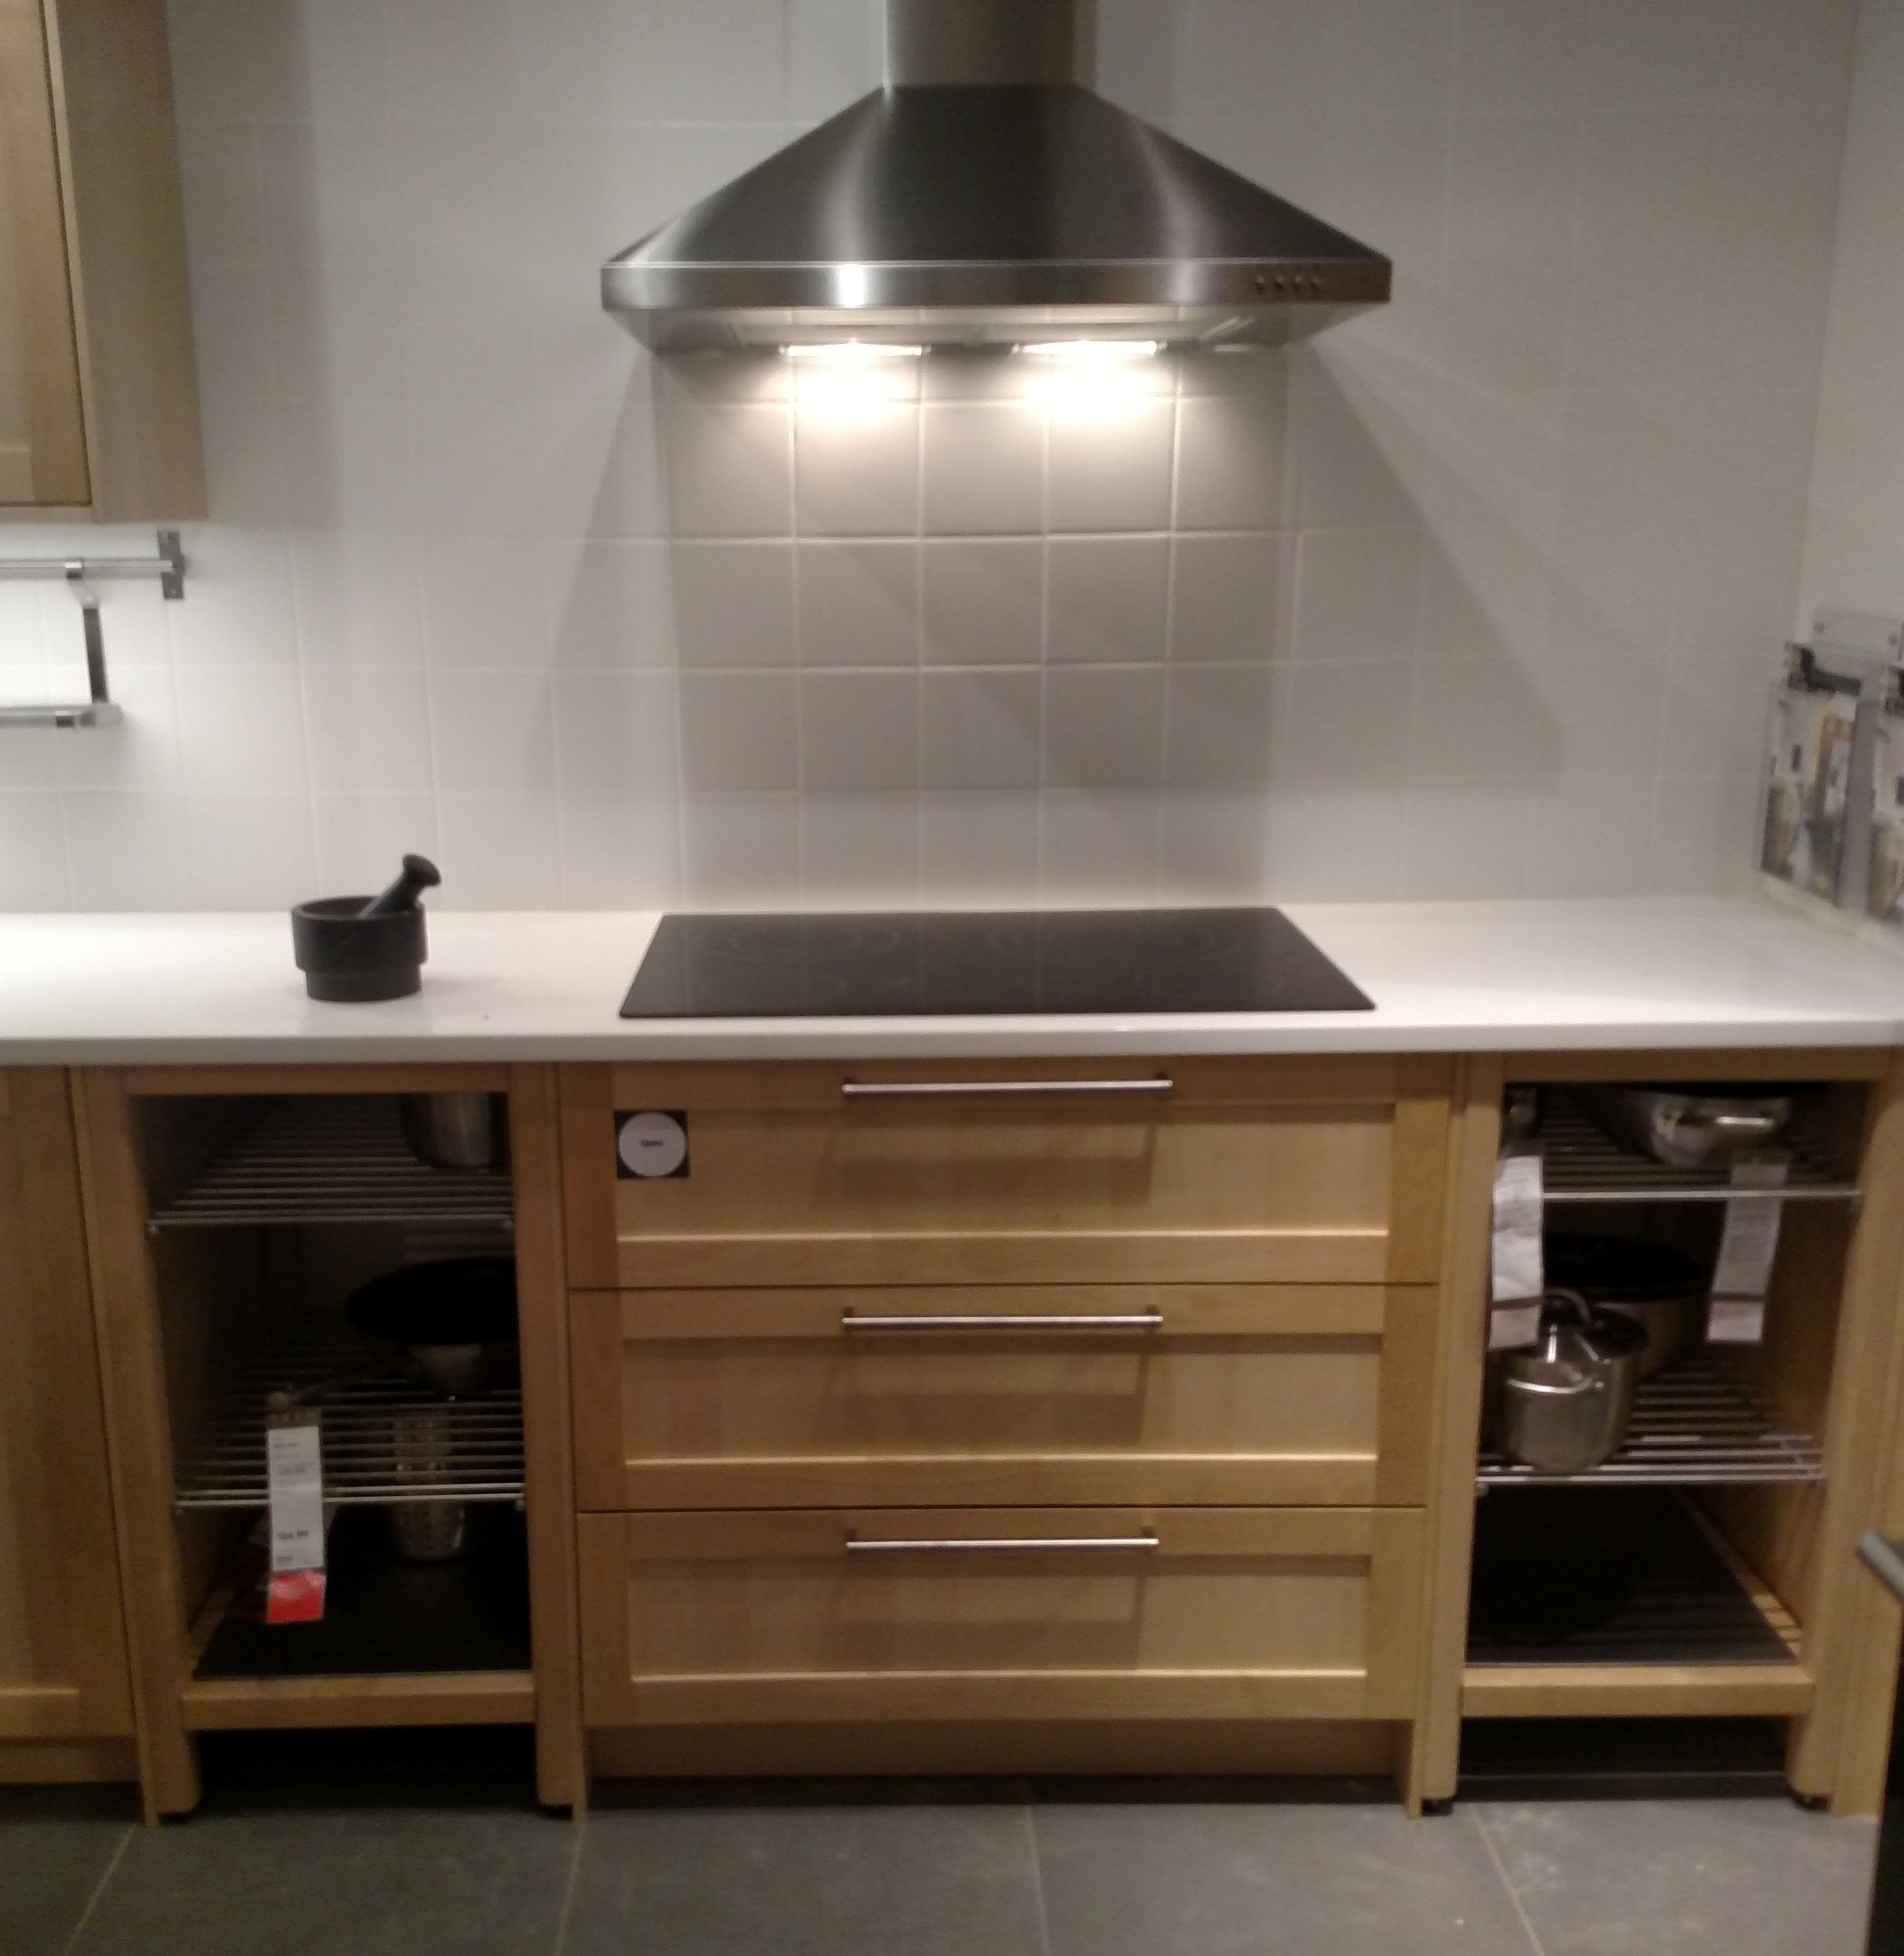 Image result for open shelf base cabinets ikea sektion